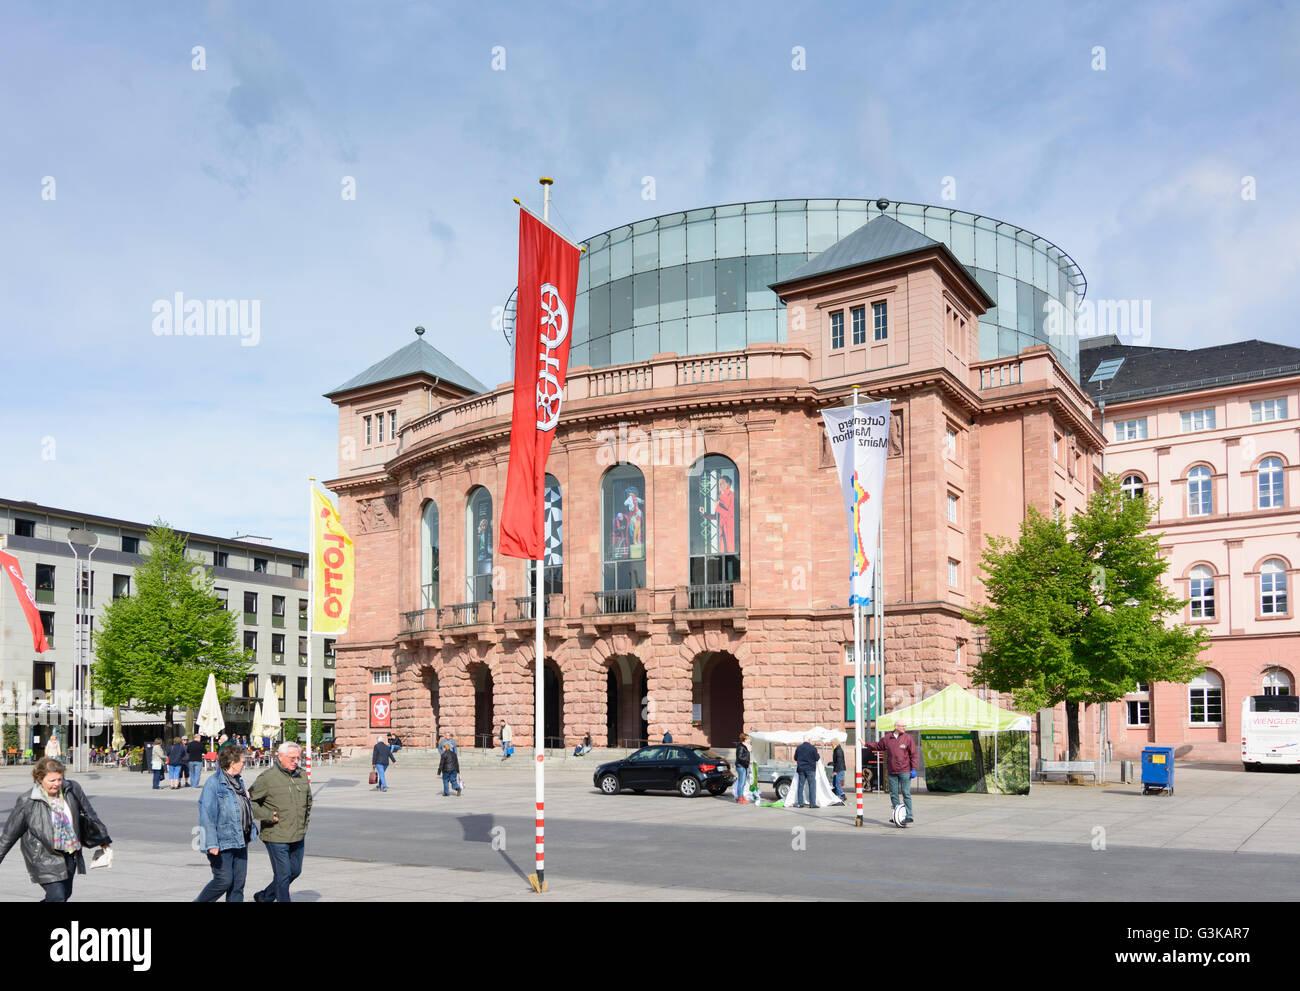 Theatre, Germany, Rheinland-Pfalz, Rhineland-Palatinate, , Mainz Stock Photo